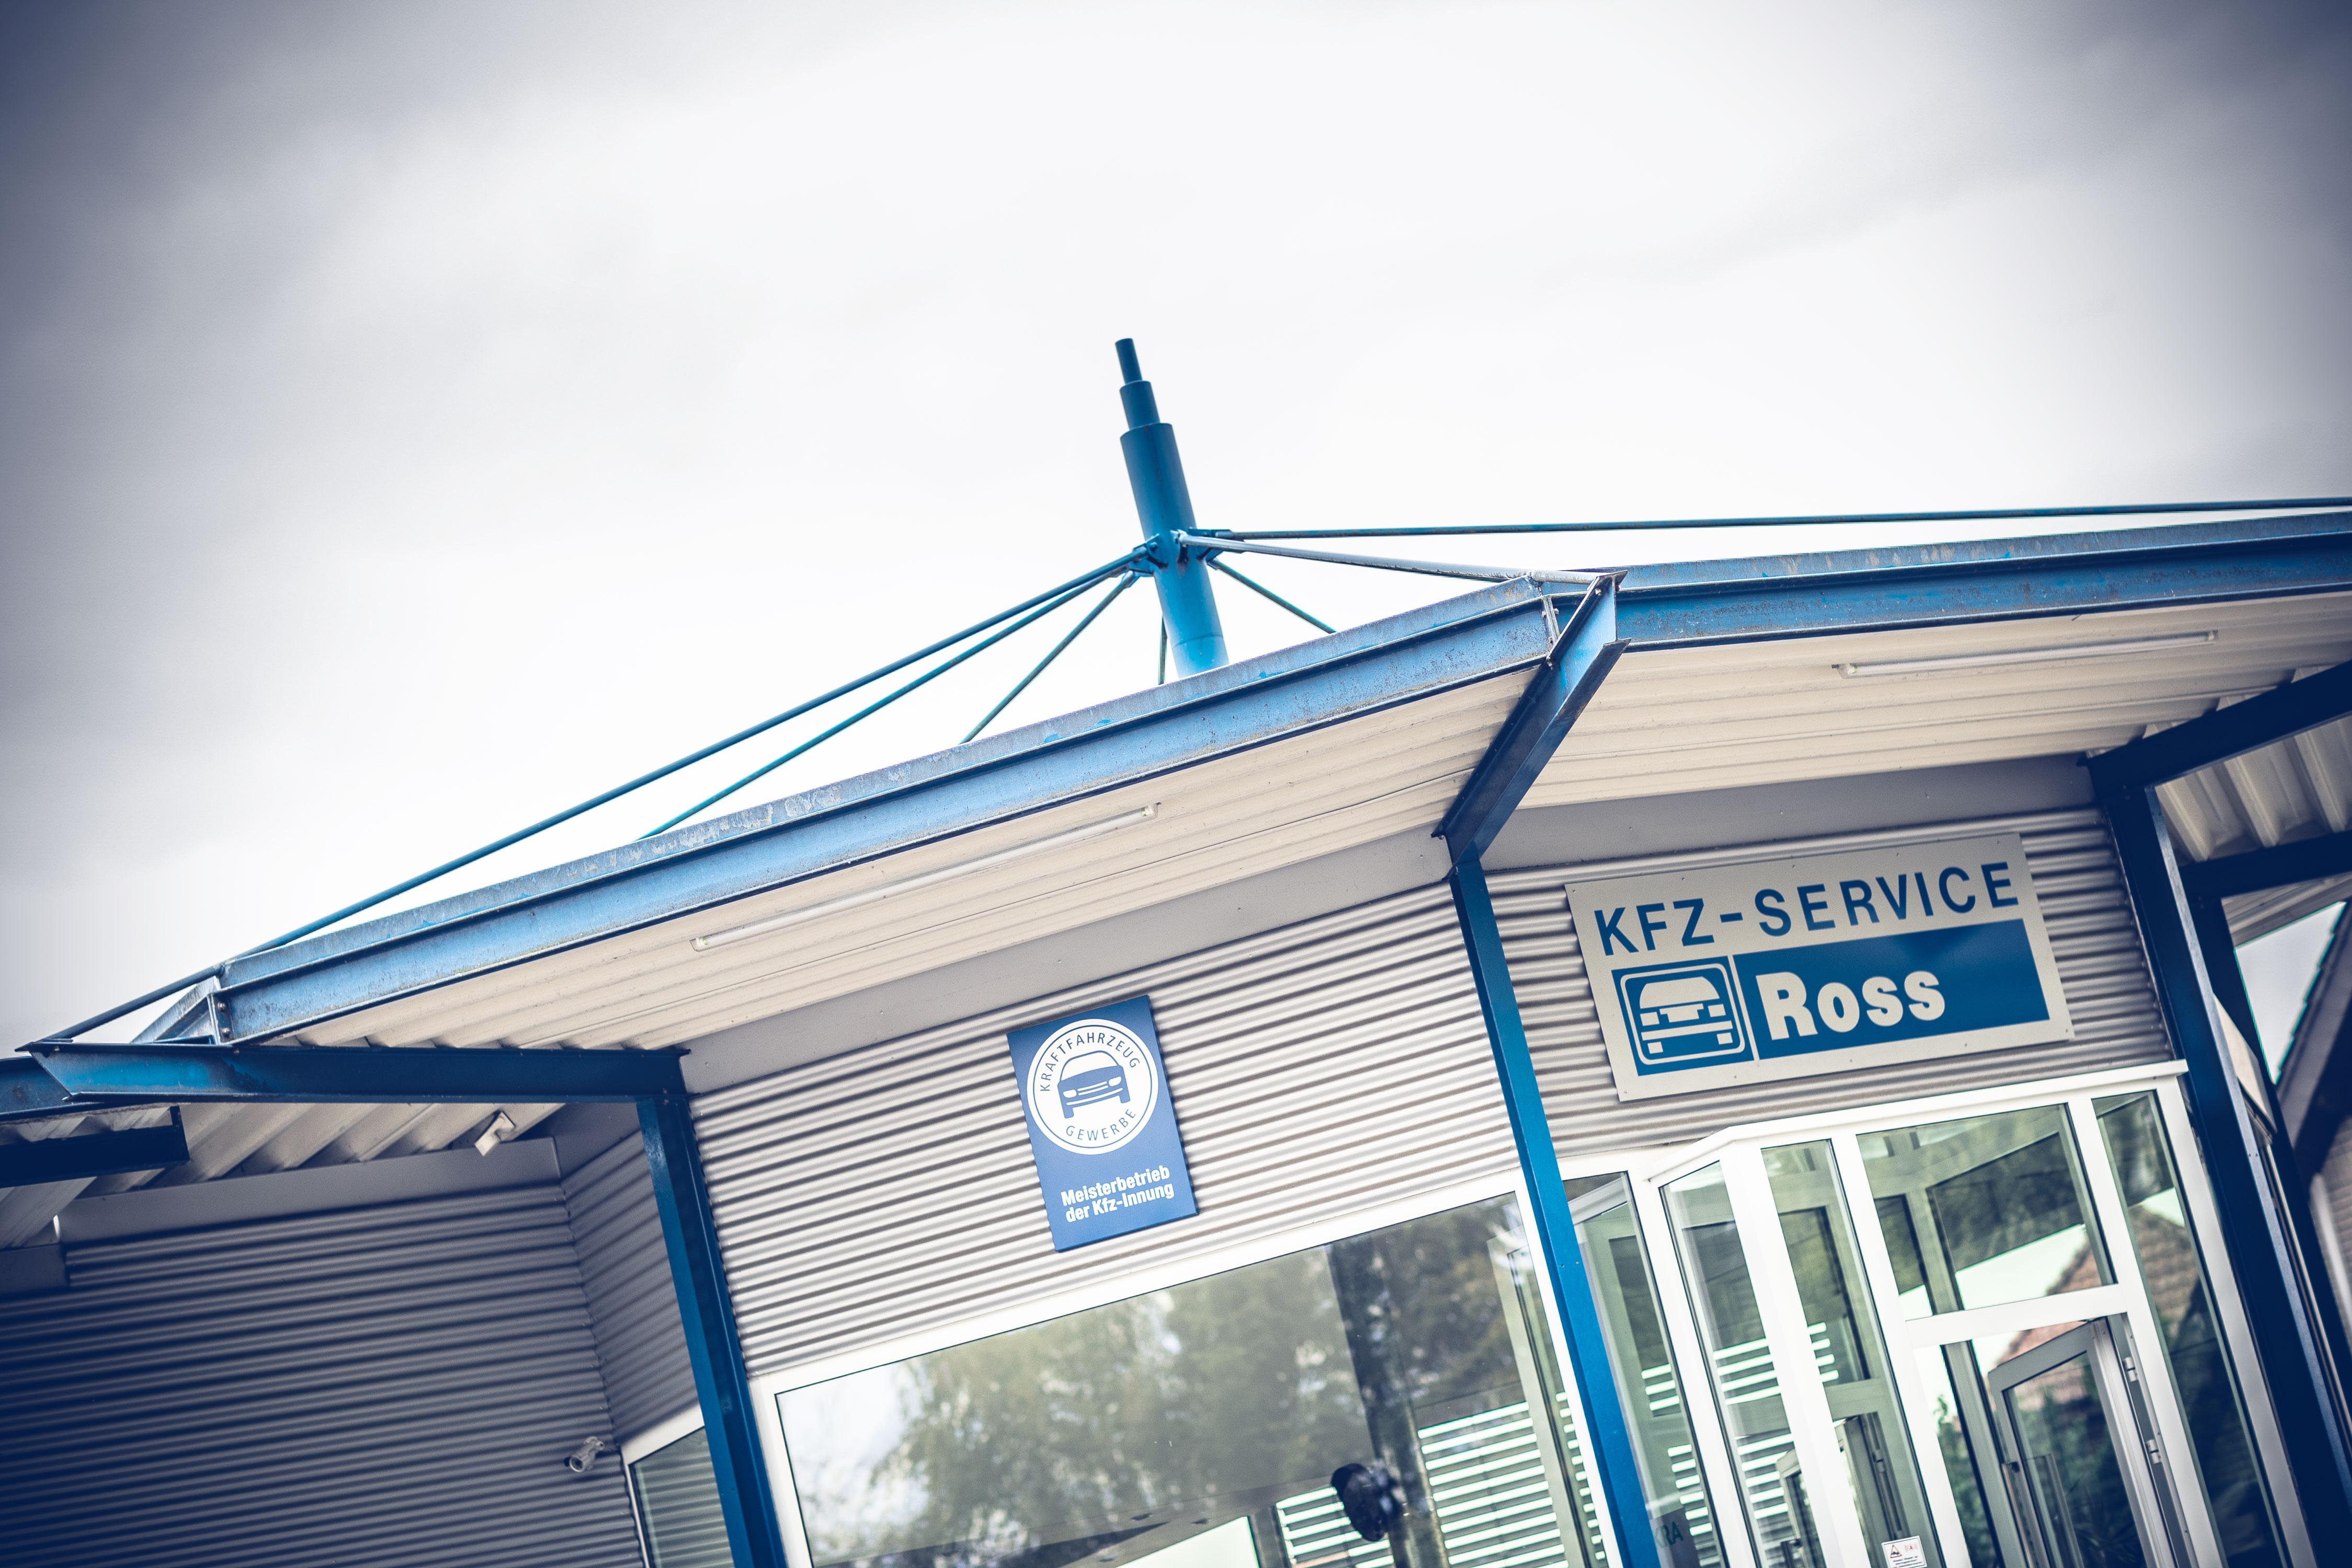 Dynamische Aussenaufnahme des futuristischen Eingangsbereich der Autowerkstatt KFZ Service Ross